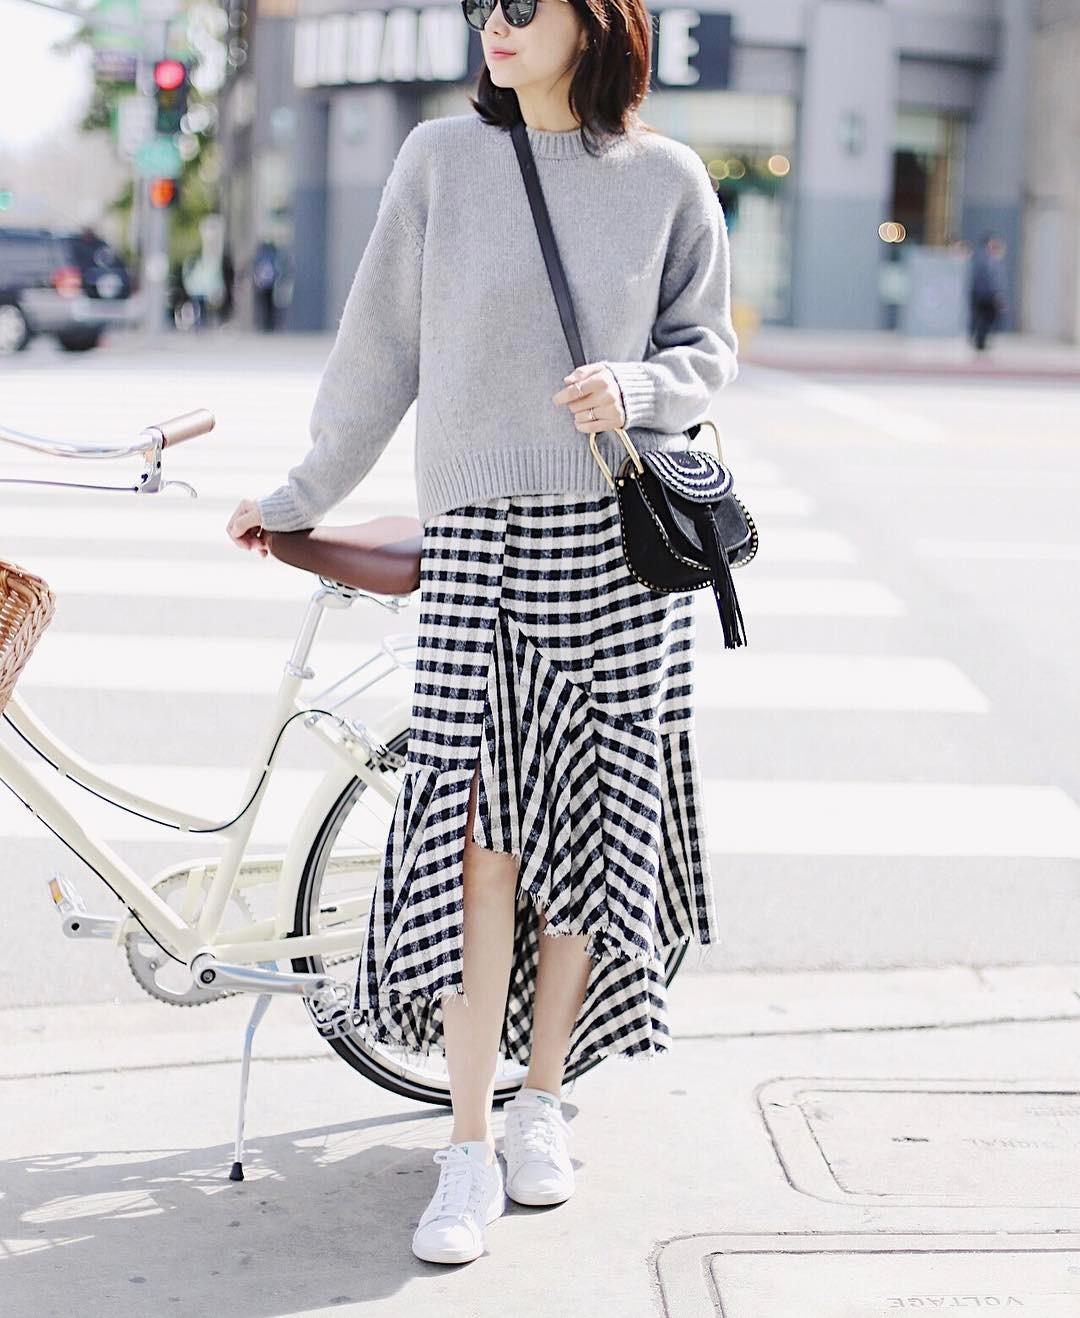 Đơn giản là áo len + chân váy thôi nhưng có đến 4 cách mix&match xinh mê hồn để bạn thỏa sức diện đông này - Ảnh 8